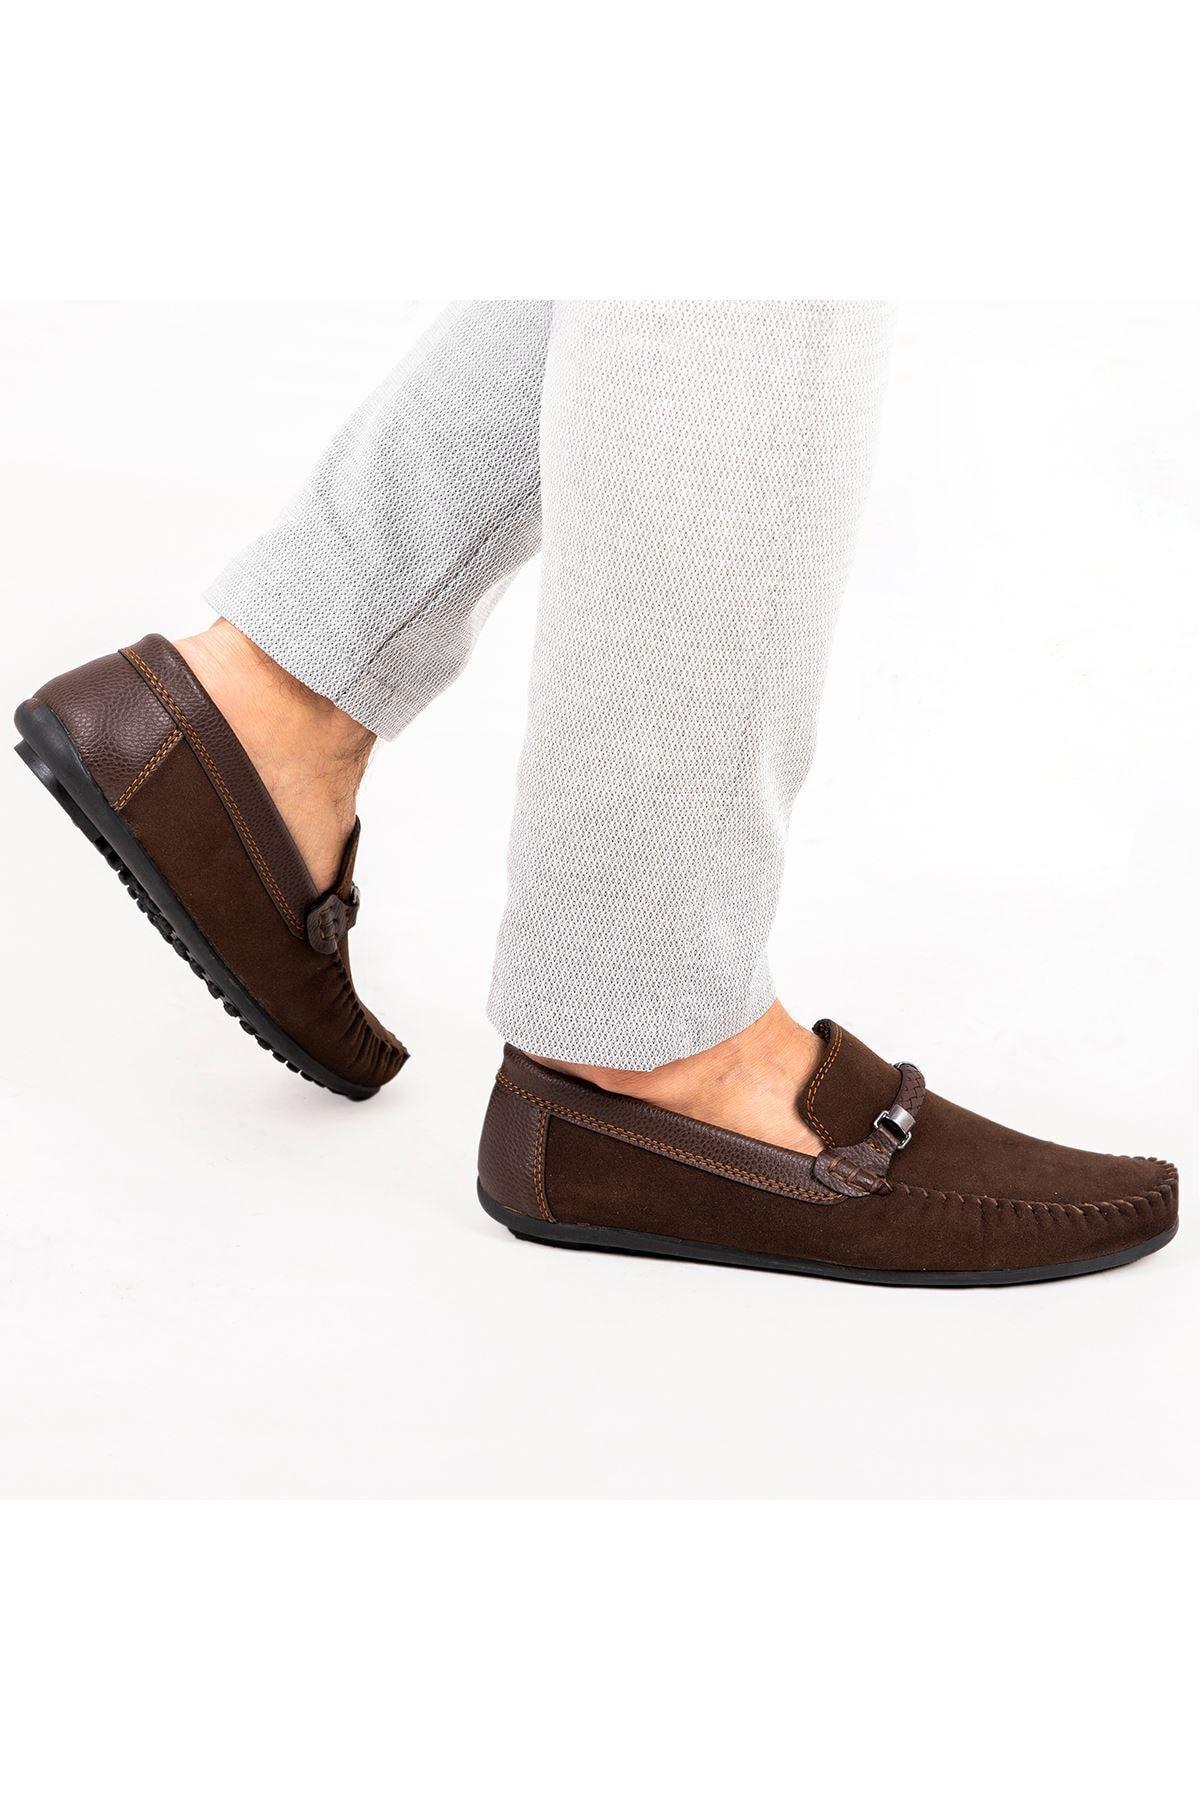 Ortopedik Loafer Erkek Ayakkabı Mln1102 Süet Kahve